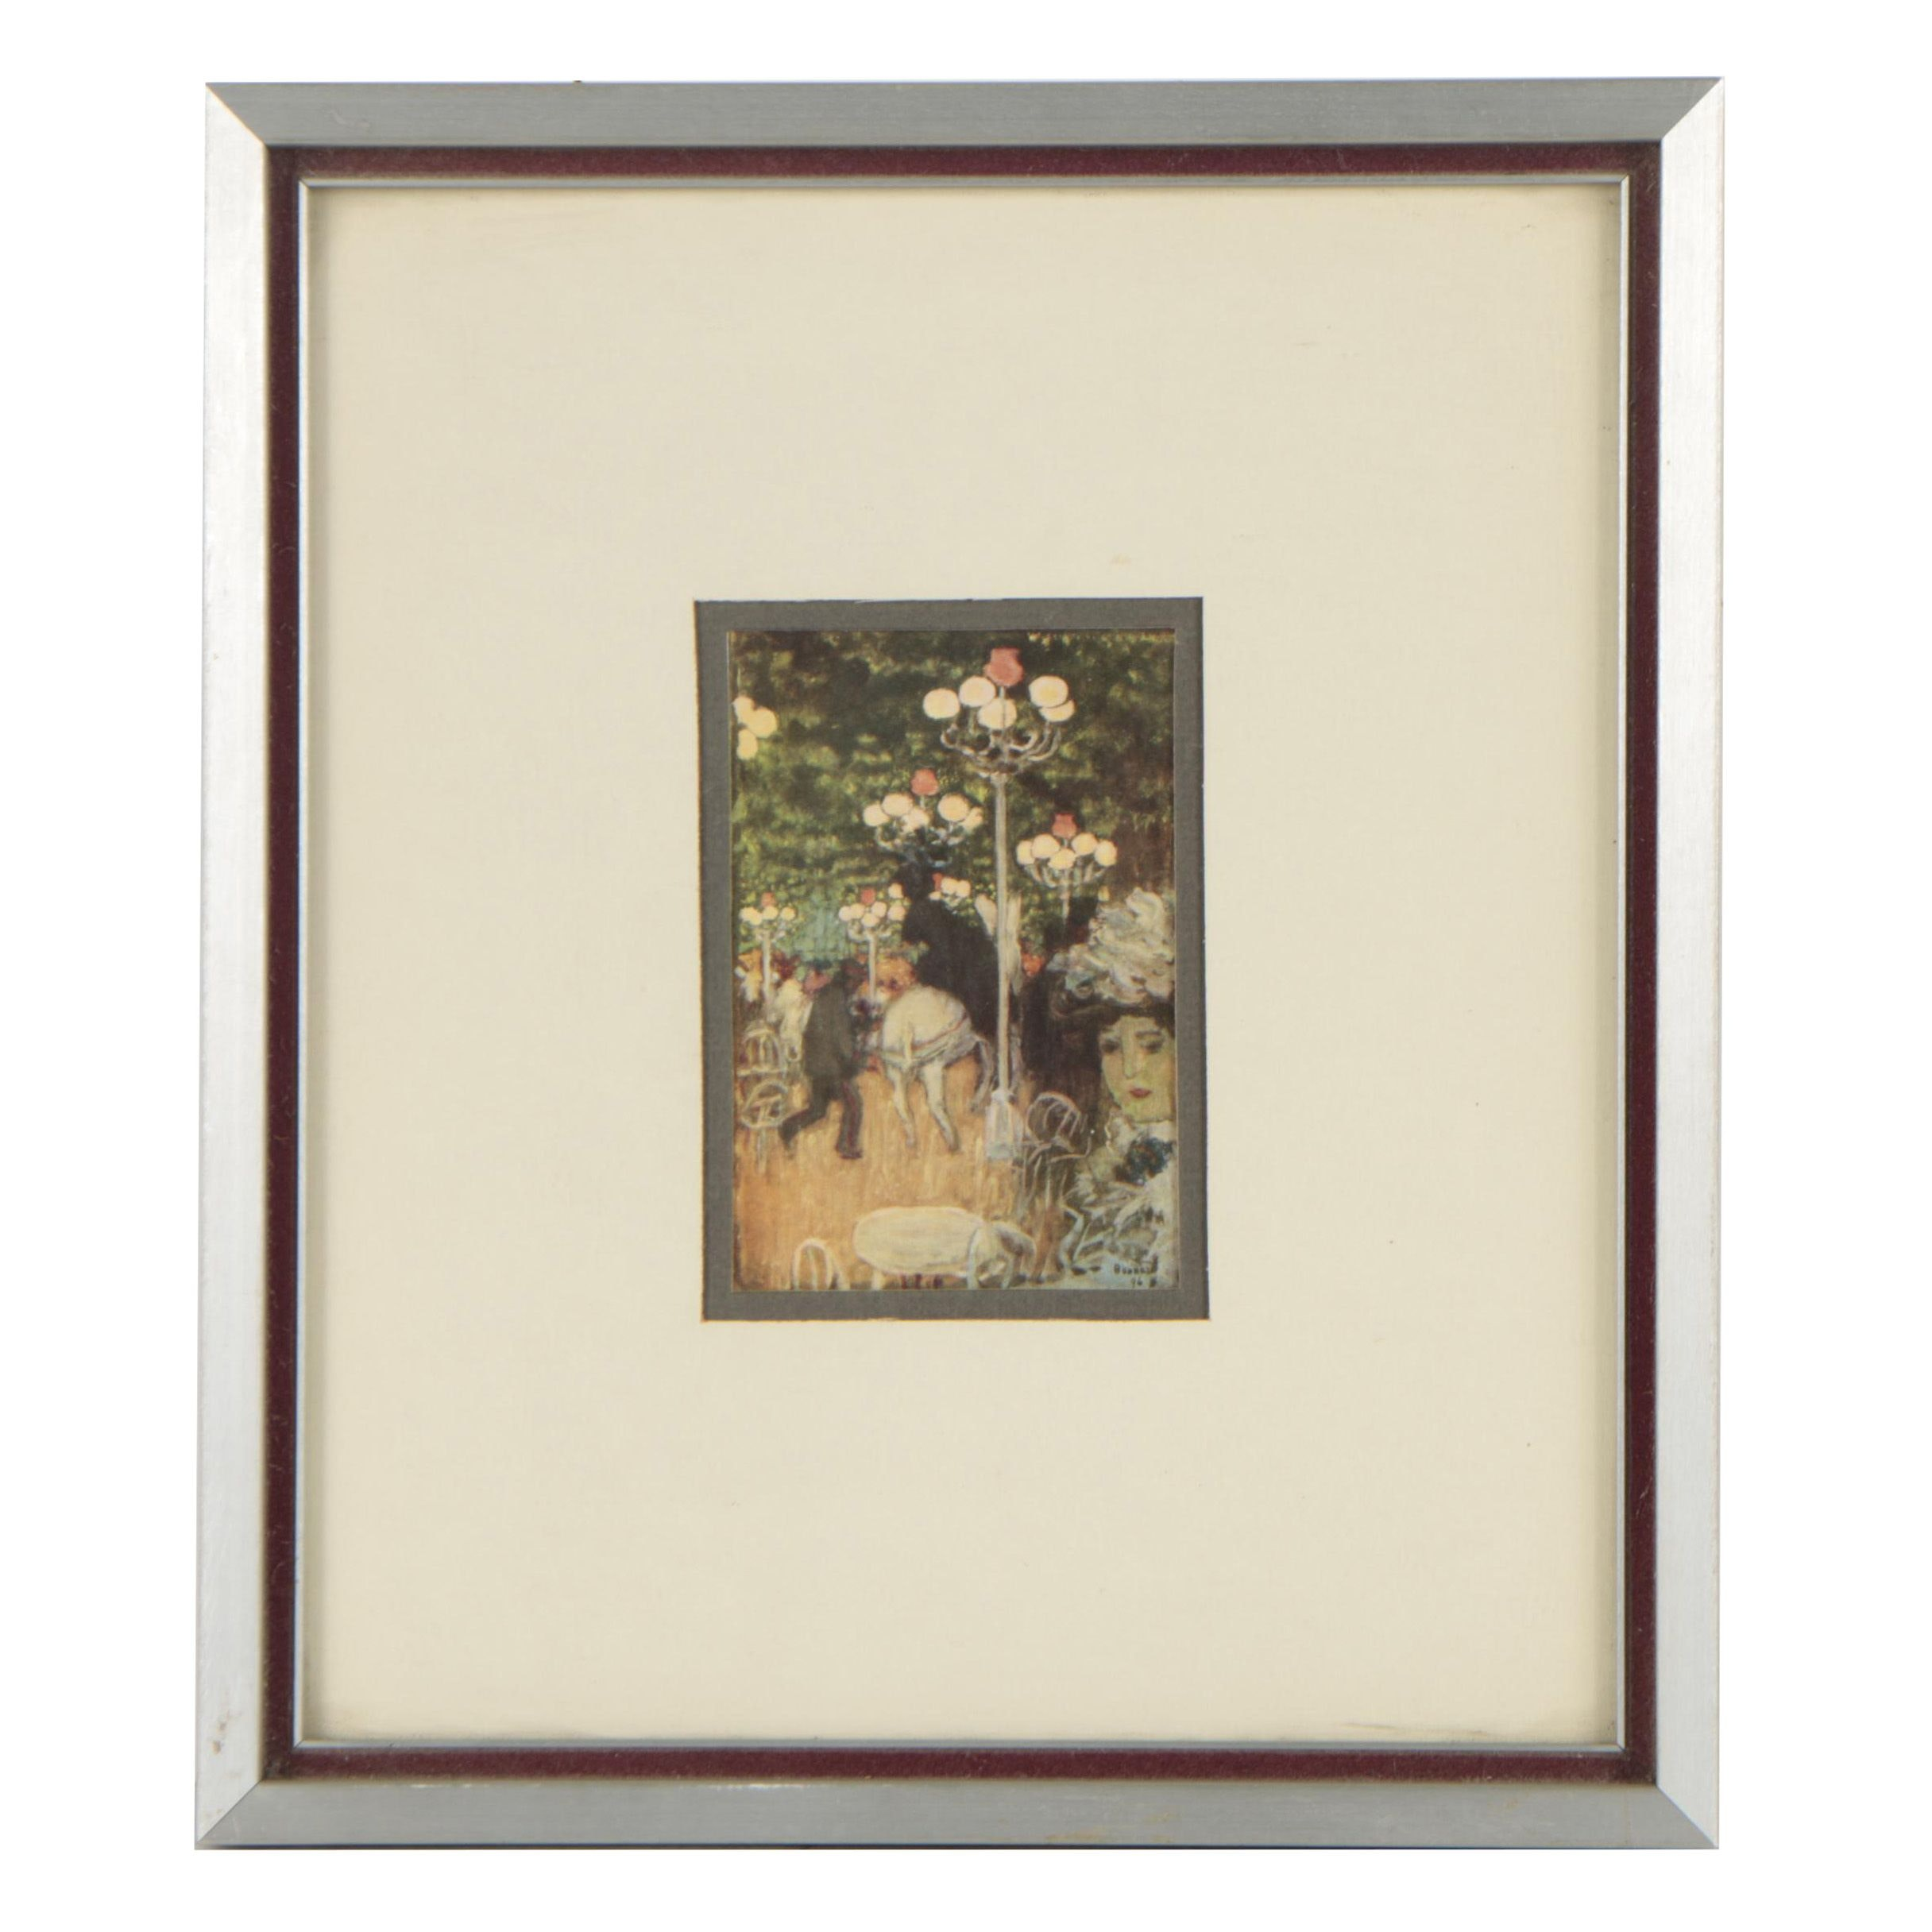 Offset Lithograph After Pierre Bonnard